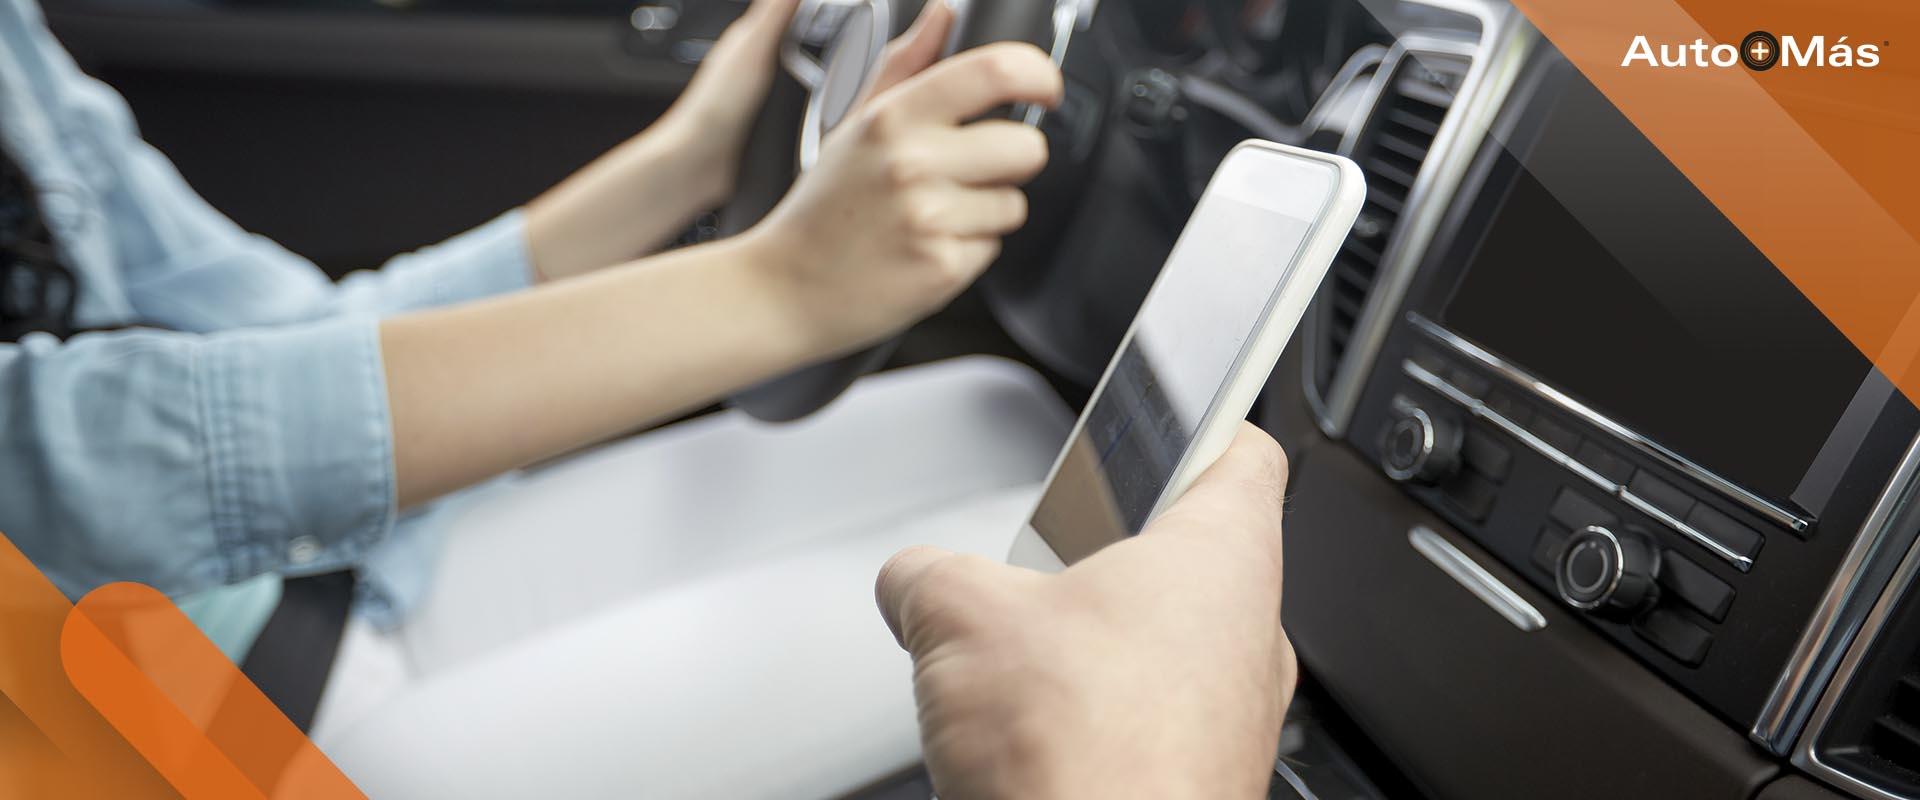 Top 5 de apps Android para tener en tu carro